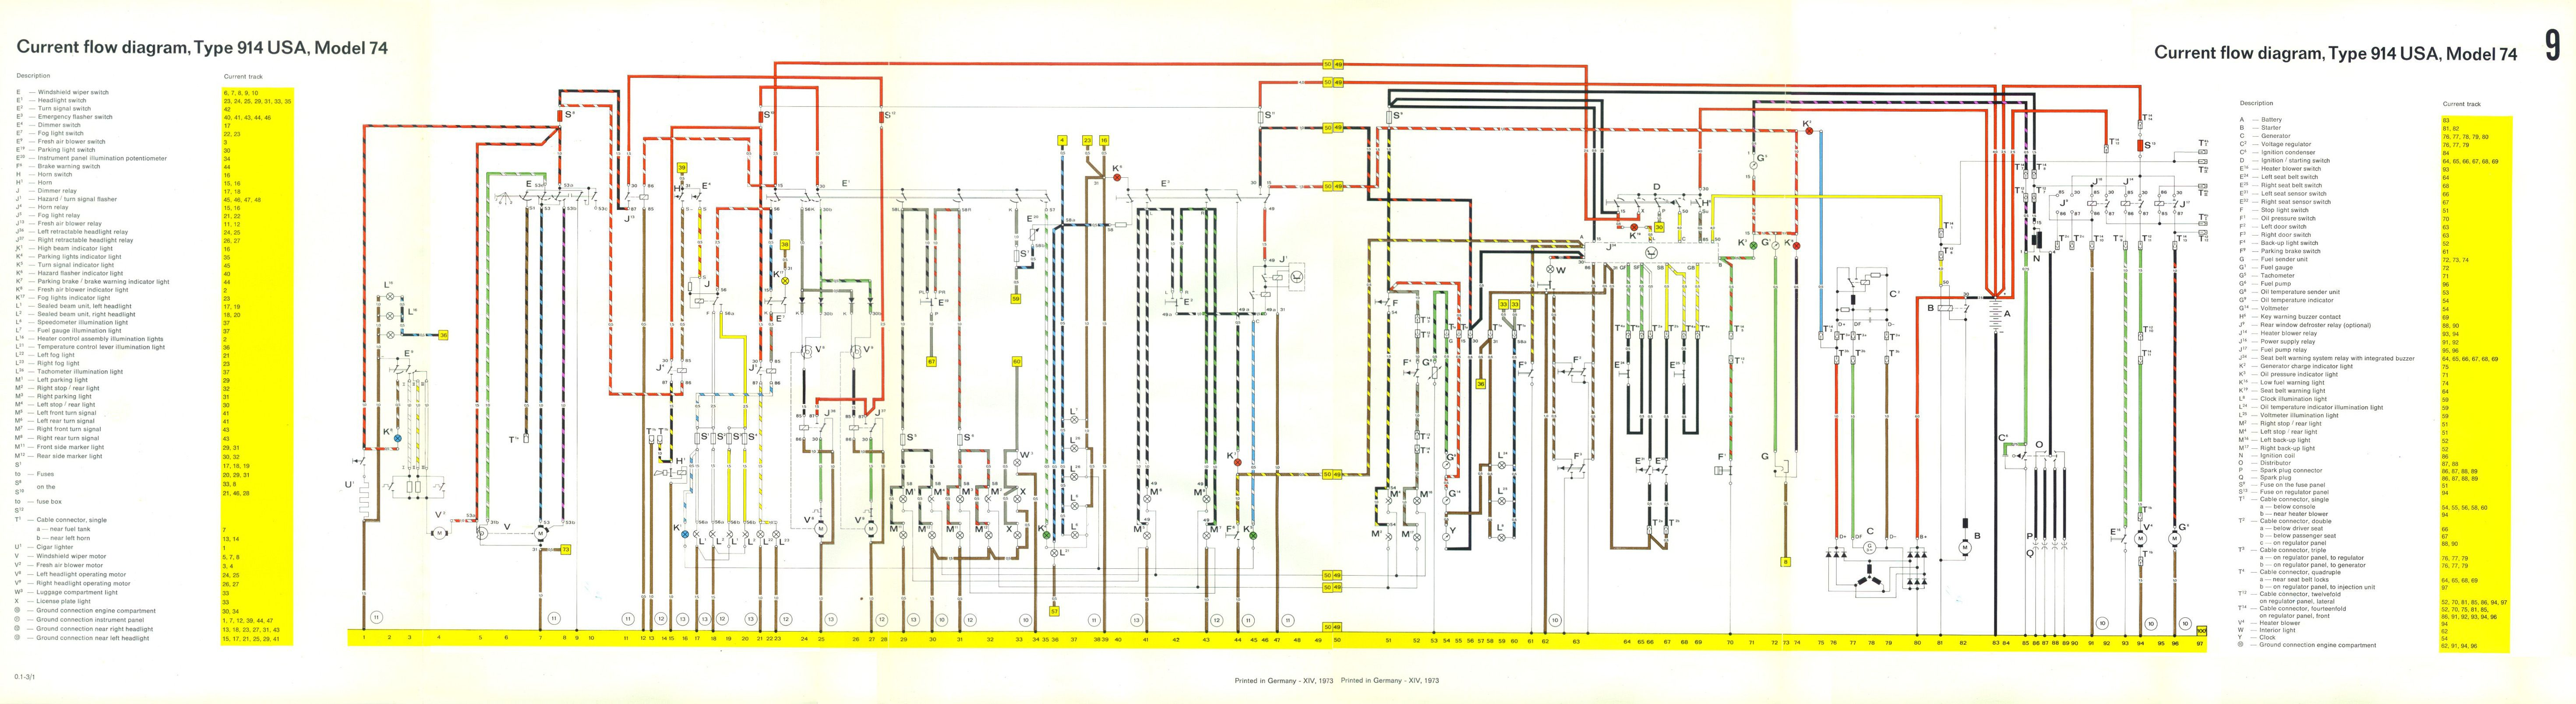 1975 Porsche 914 Wiring Schematic - Wiring Diagram